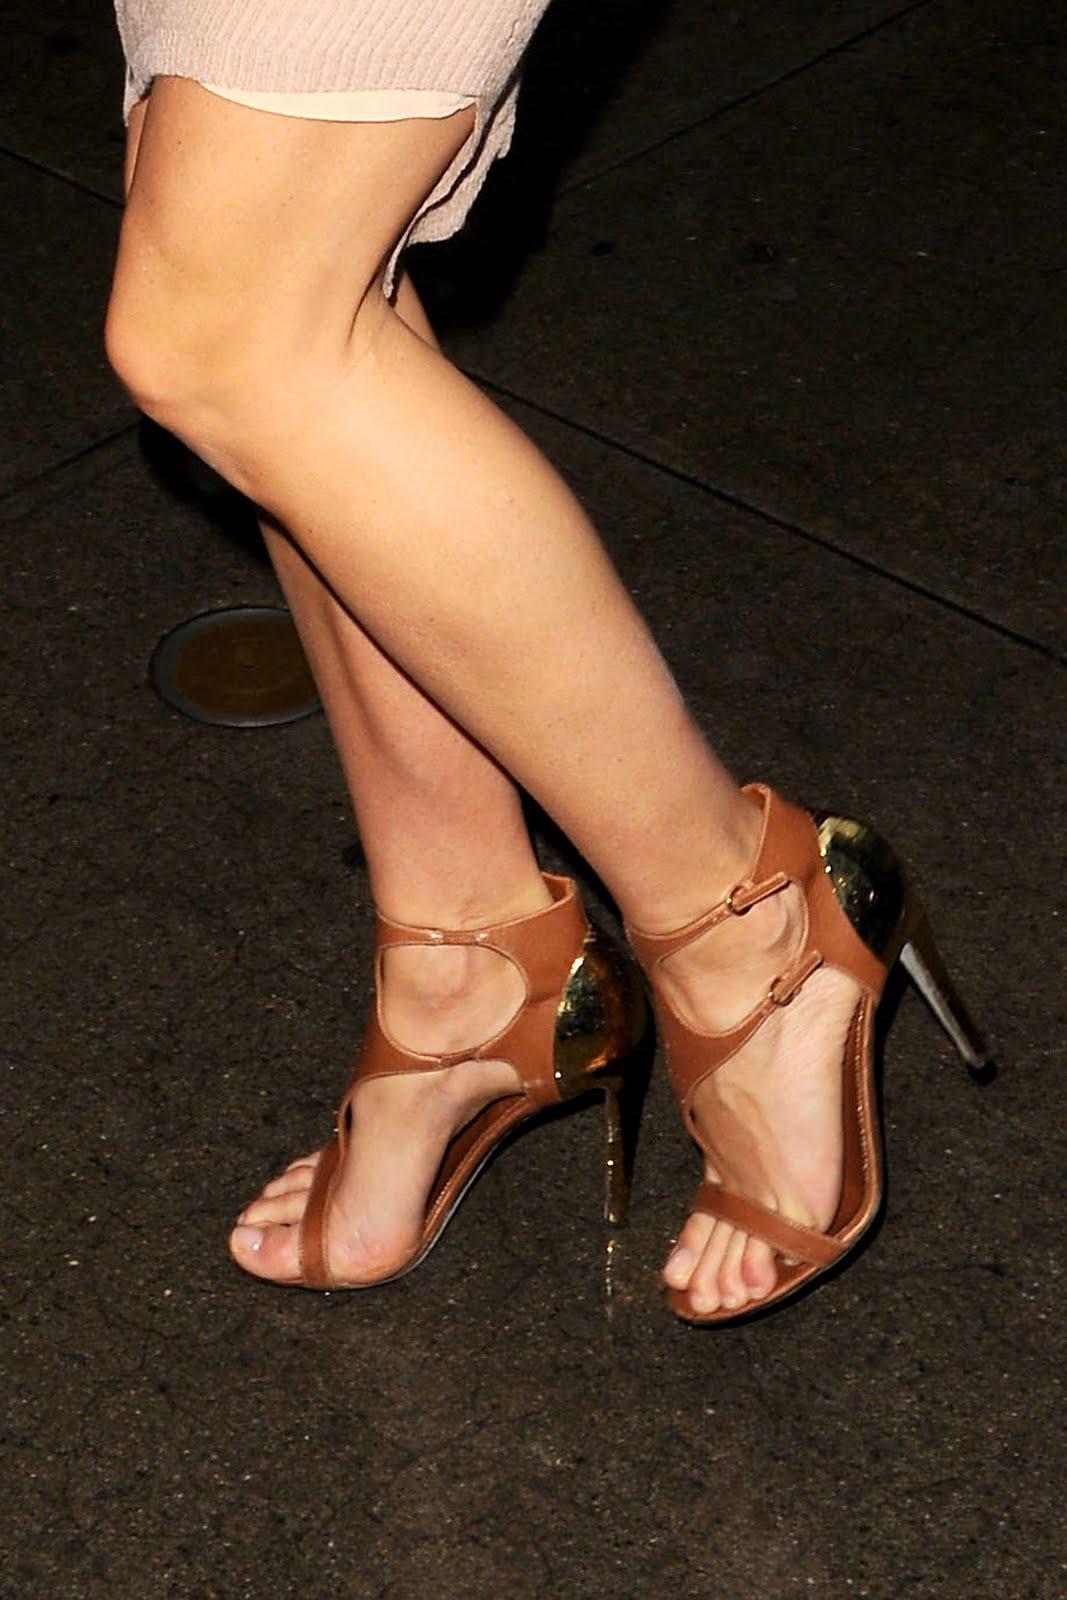 http://2.bp.blogspot.com/-fef3awimAlU/TgxtQiH3eCI/AAAAAAAABGE/gGYUuYd9_KA/s1600/Gwyneth-Paltrow-Feet-385290.jpg